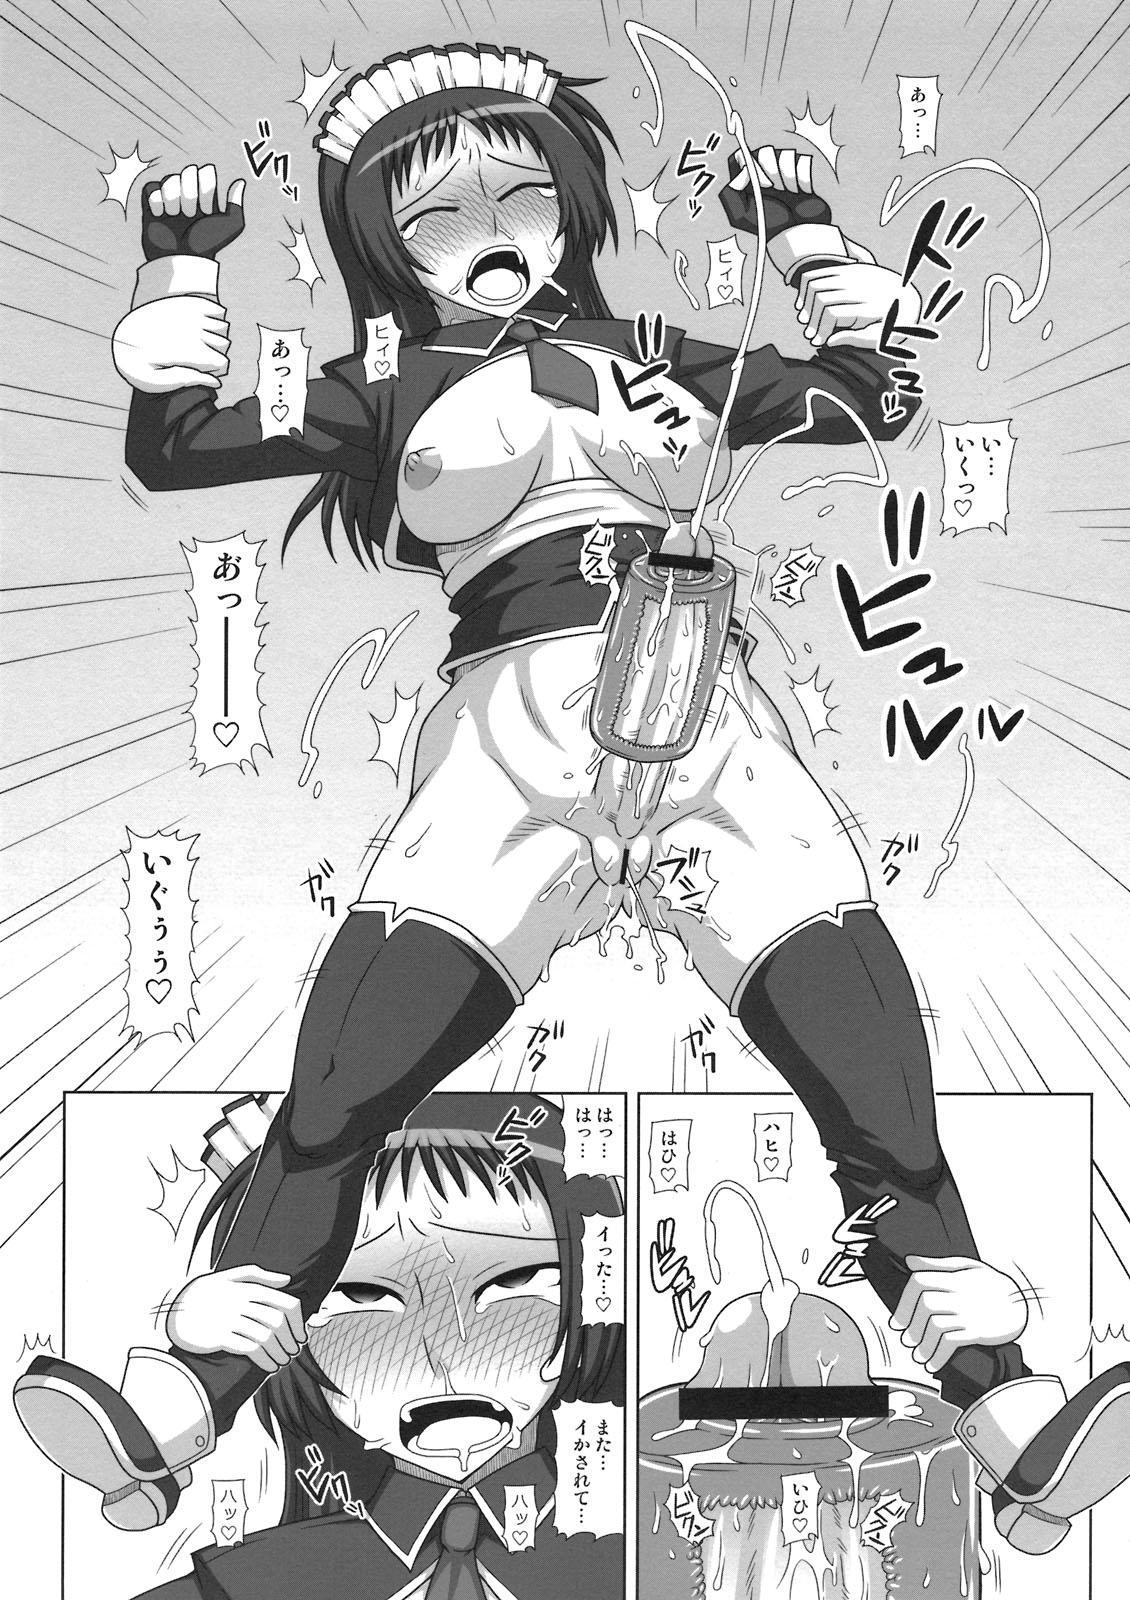 Futanari Musume ga Ryouteashi o Kotei Sarete Nando mo Kyousei-teki ni Shasei Saserareru dake no Hon 13